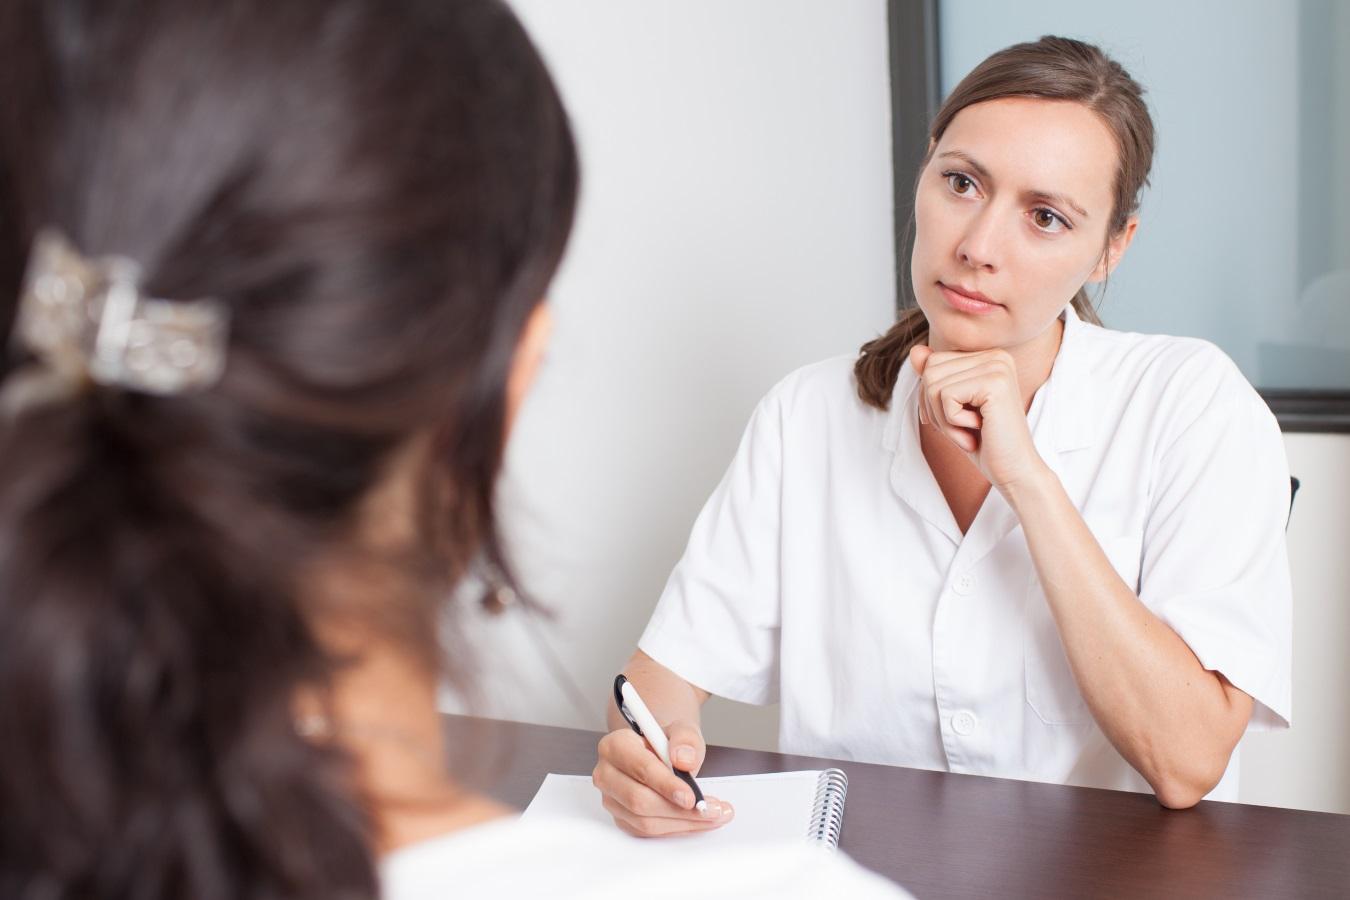 Pierderea în greutate poate opri hirsutismul, tulburările de androgen